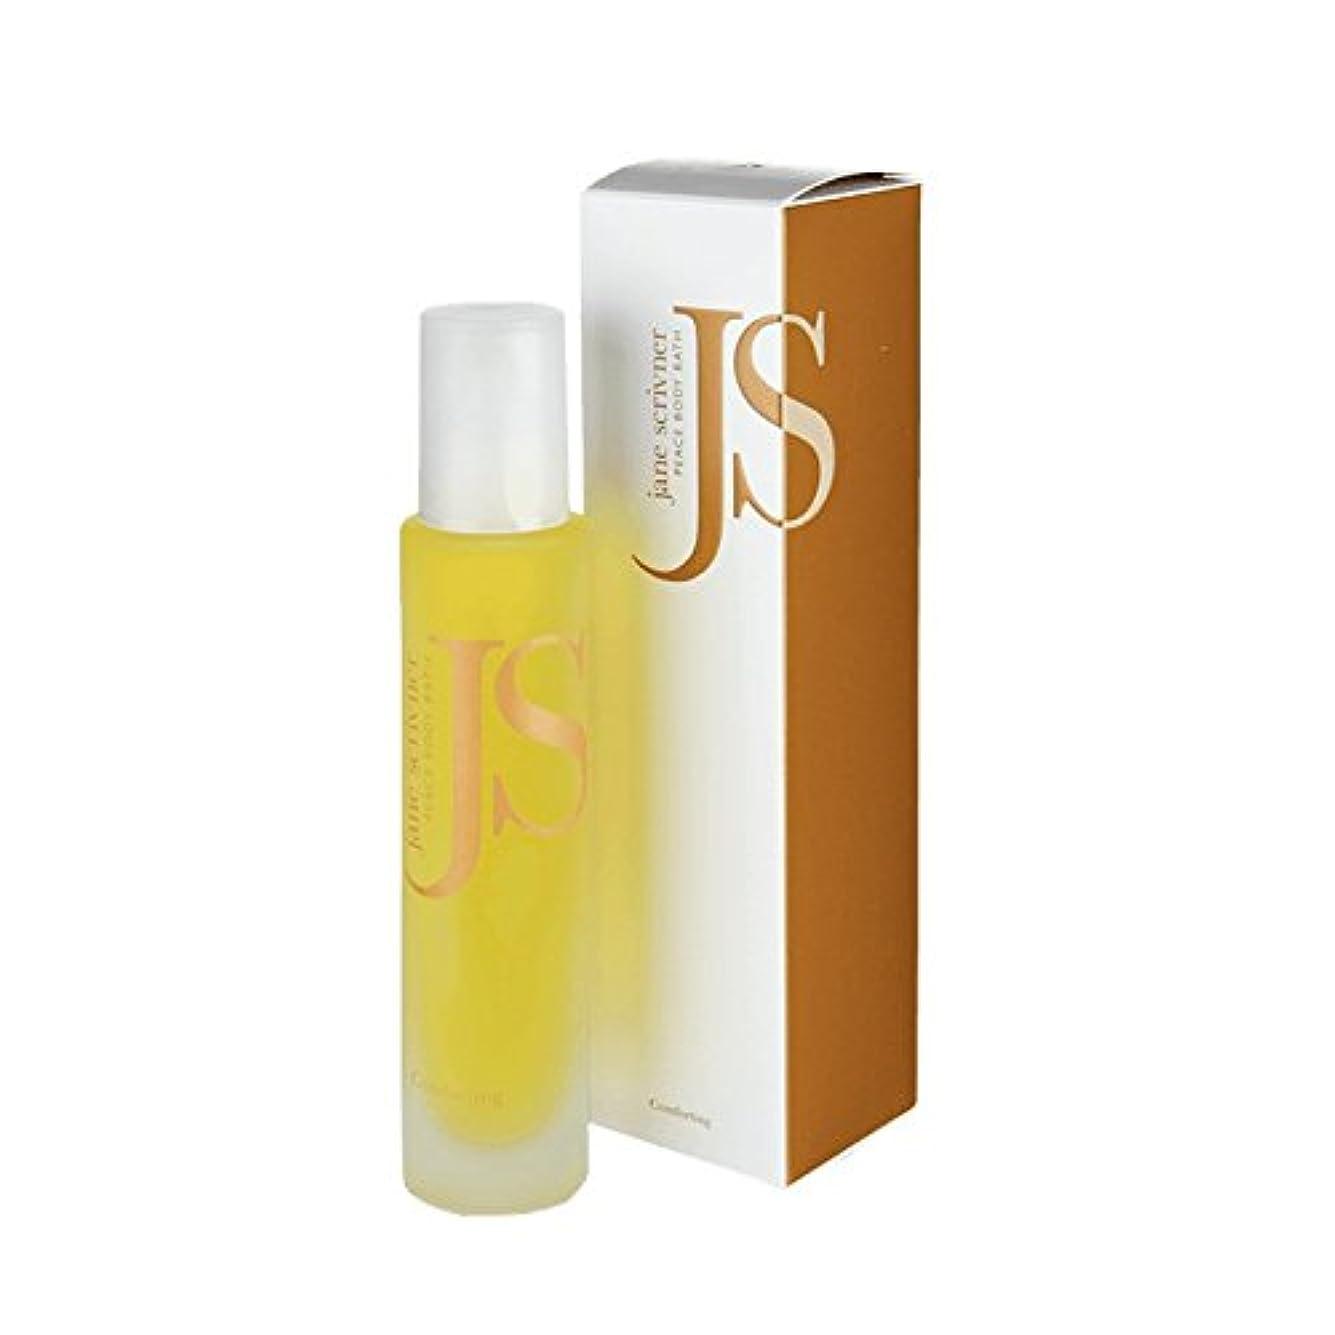 原理バケット隣人ジェーンScrivnerボディバスオイル平和100ミリリットル - Jane Scrivner Body Bath Oil Peace 100ml (Jane Scrivner) [並行輸入品]